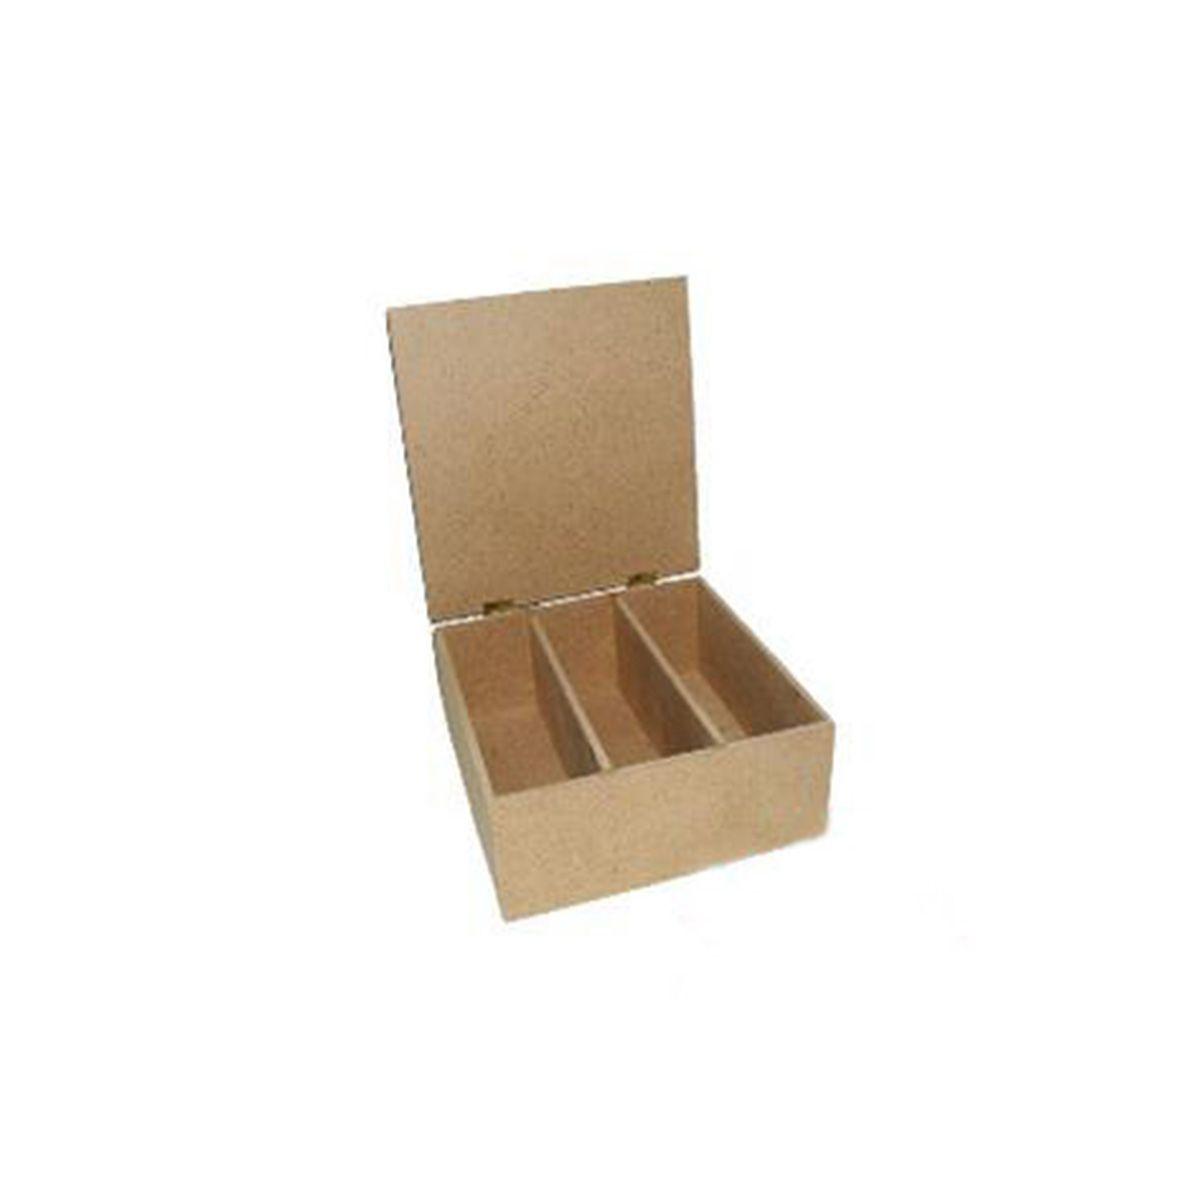 AH6140101 Заготовка из МДФ 'Коробка для чая', 3 отделения, крышка на петлях, 22,5х22,5х9 см